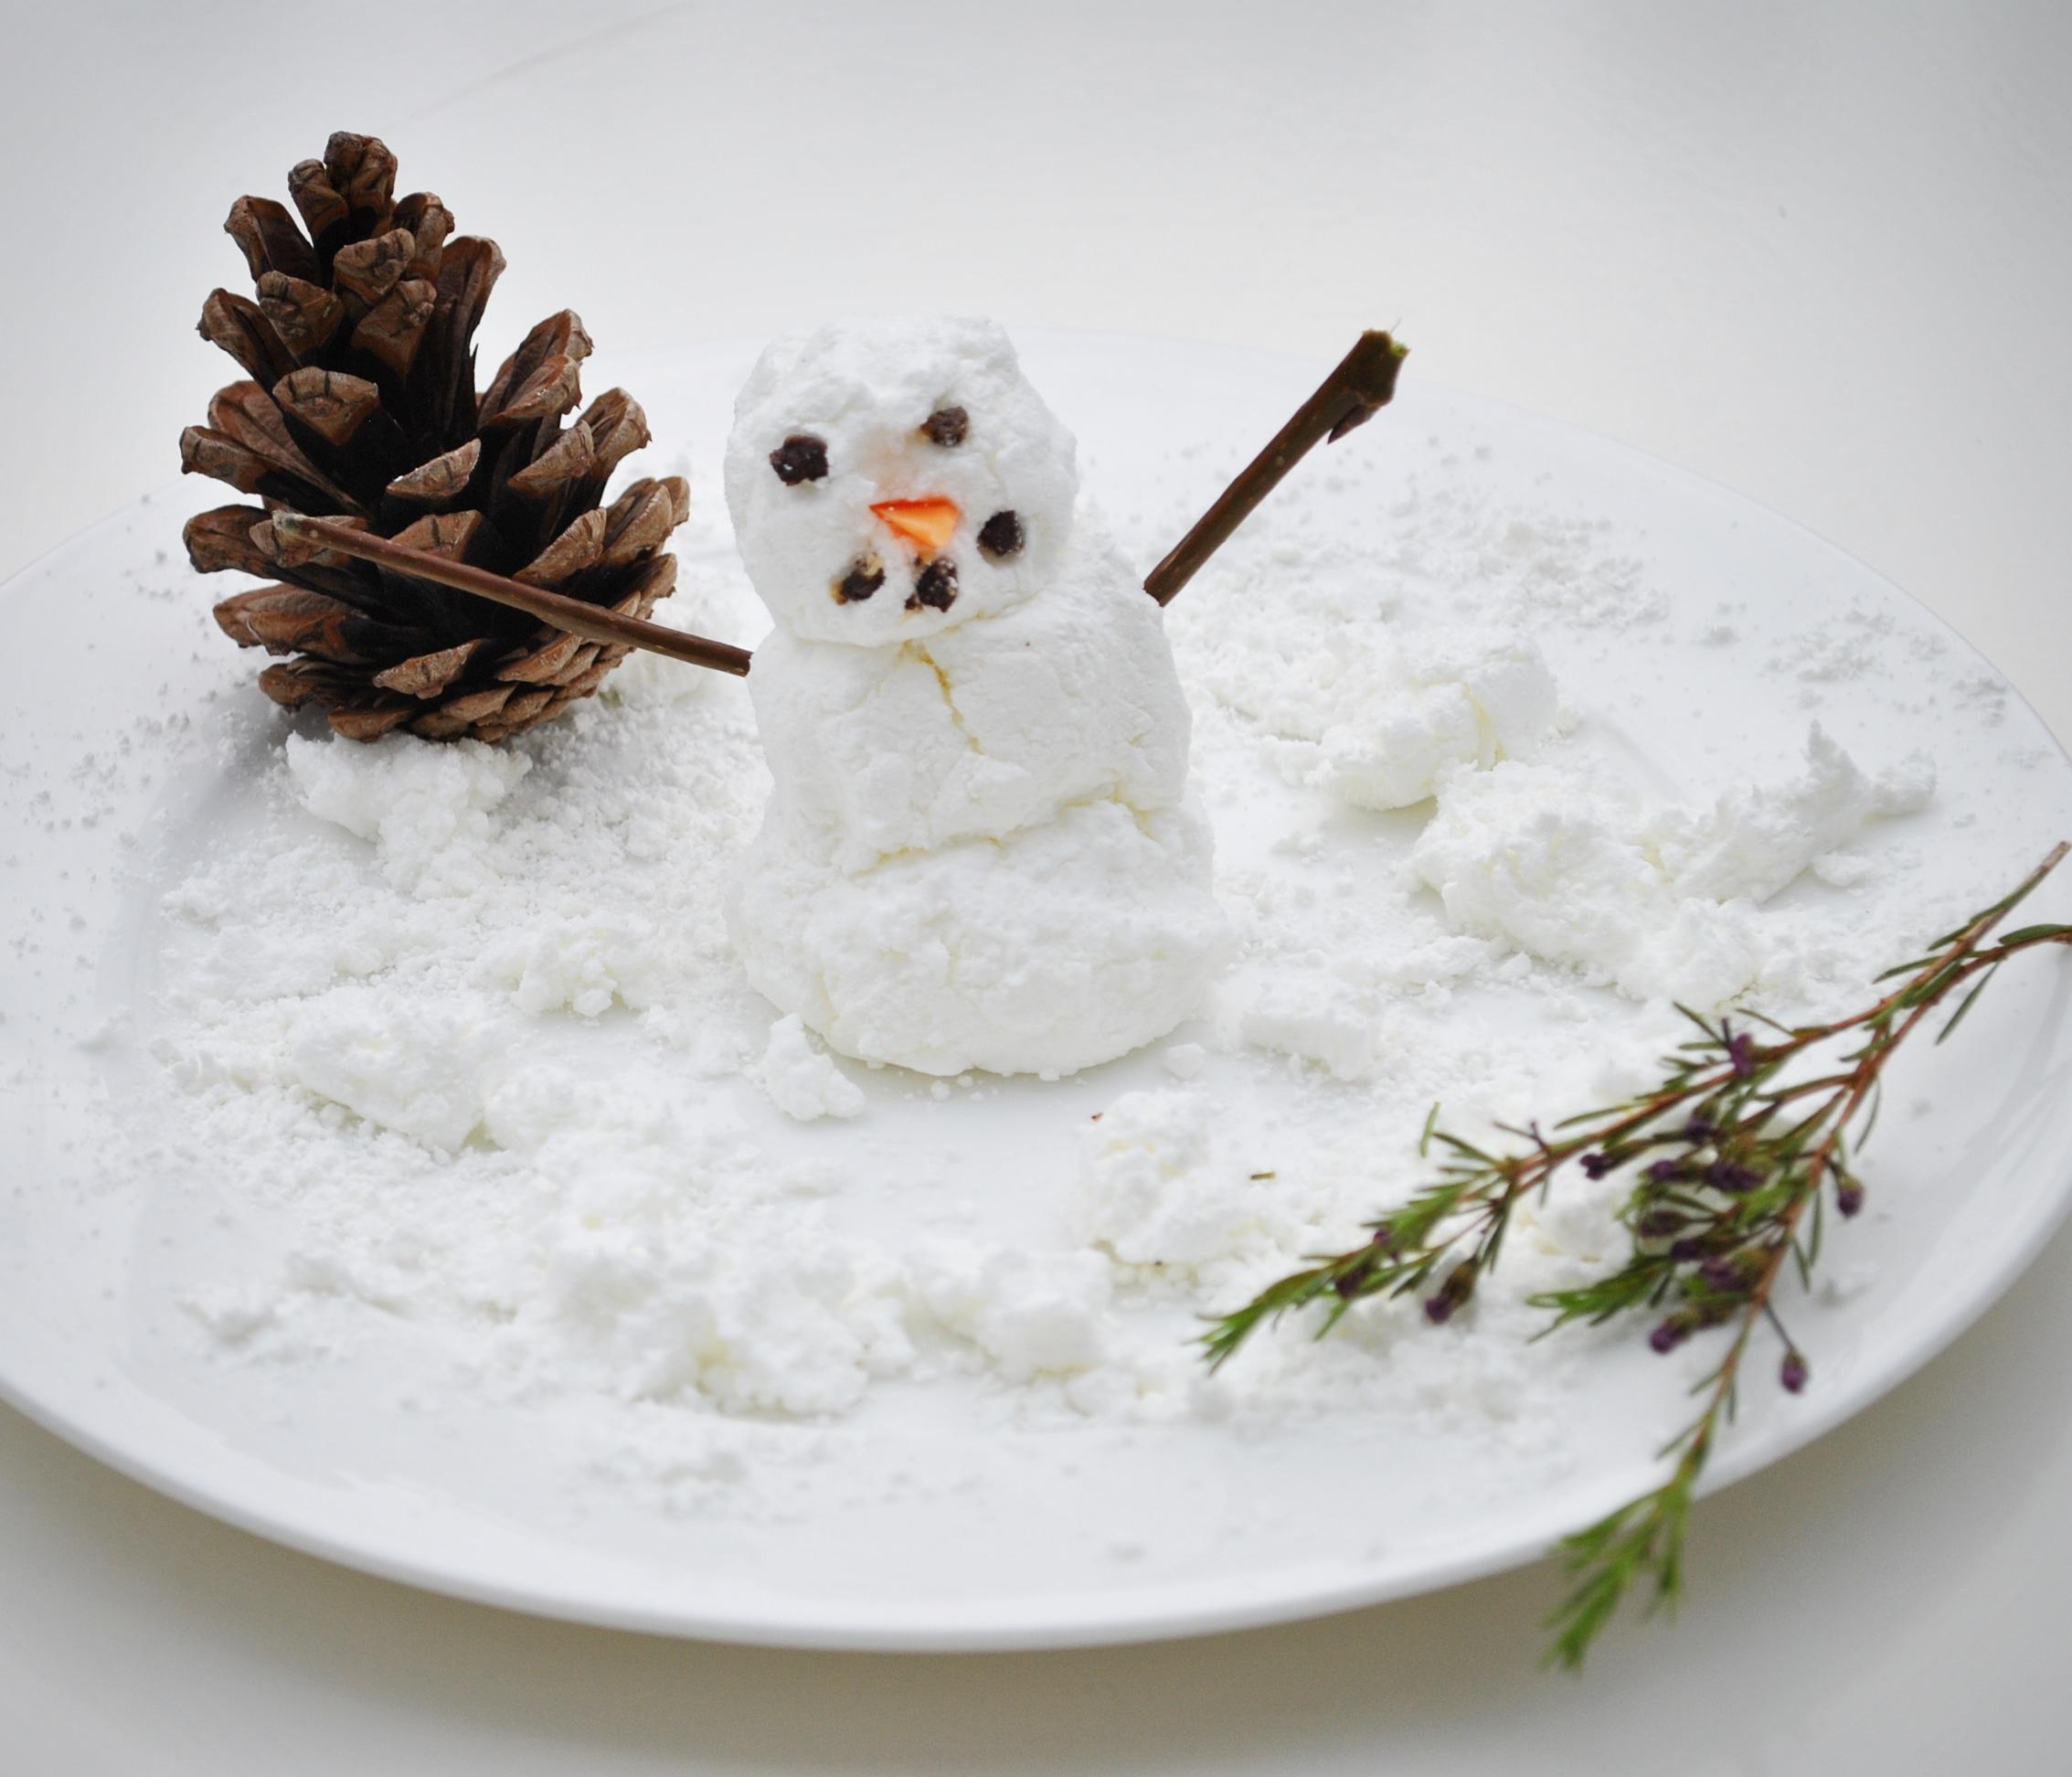 5 Kreative Beschaftigungen Im Winter Spiel Und Spass Mit Kindern Fur